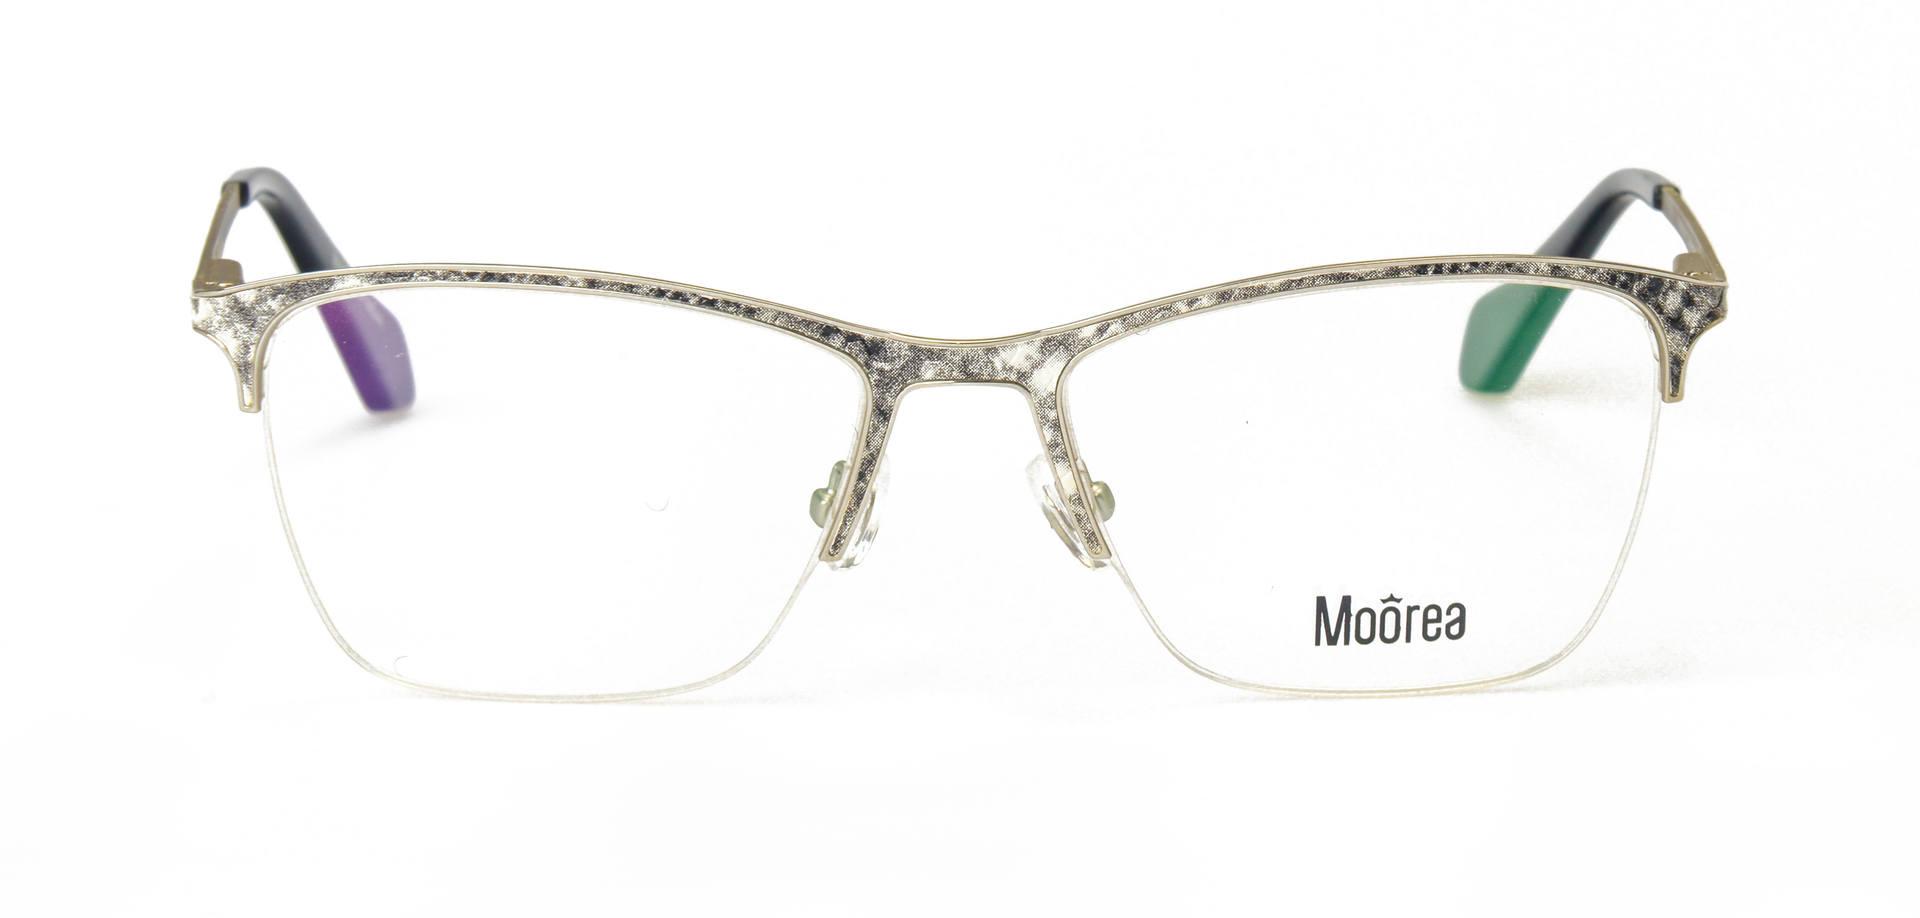 7R2-MOOREA-02-C1